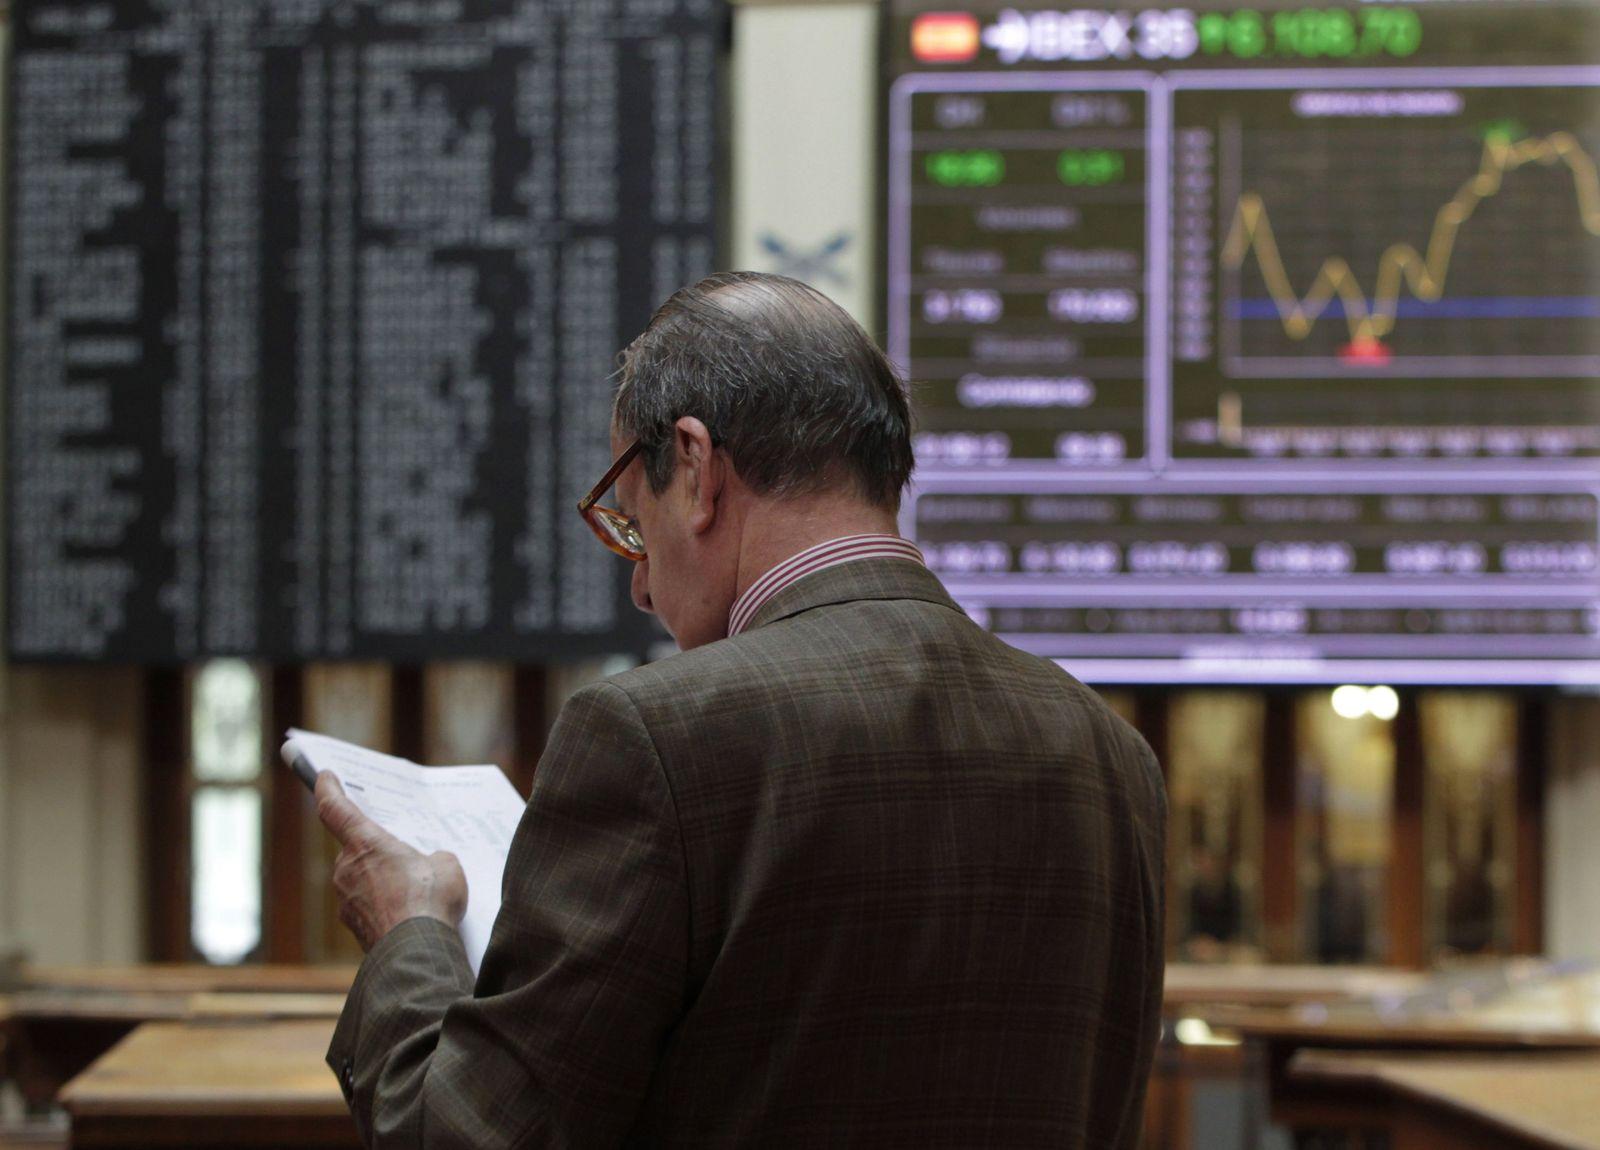 Mann an der Börse in Madrid